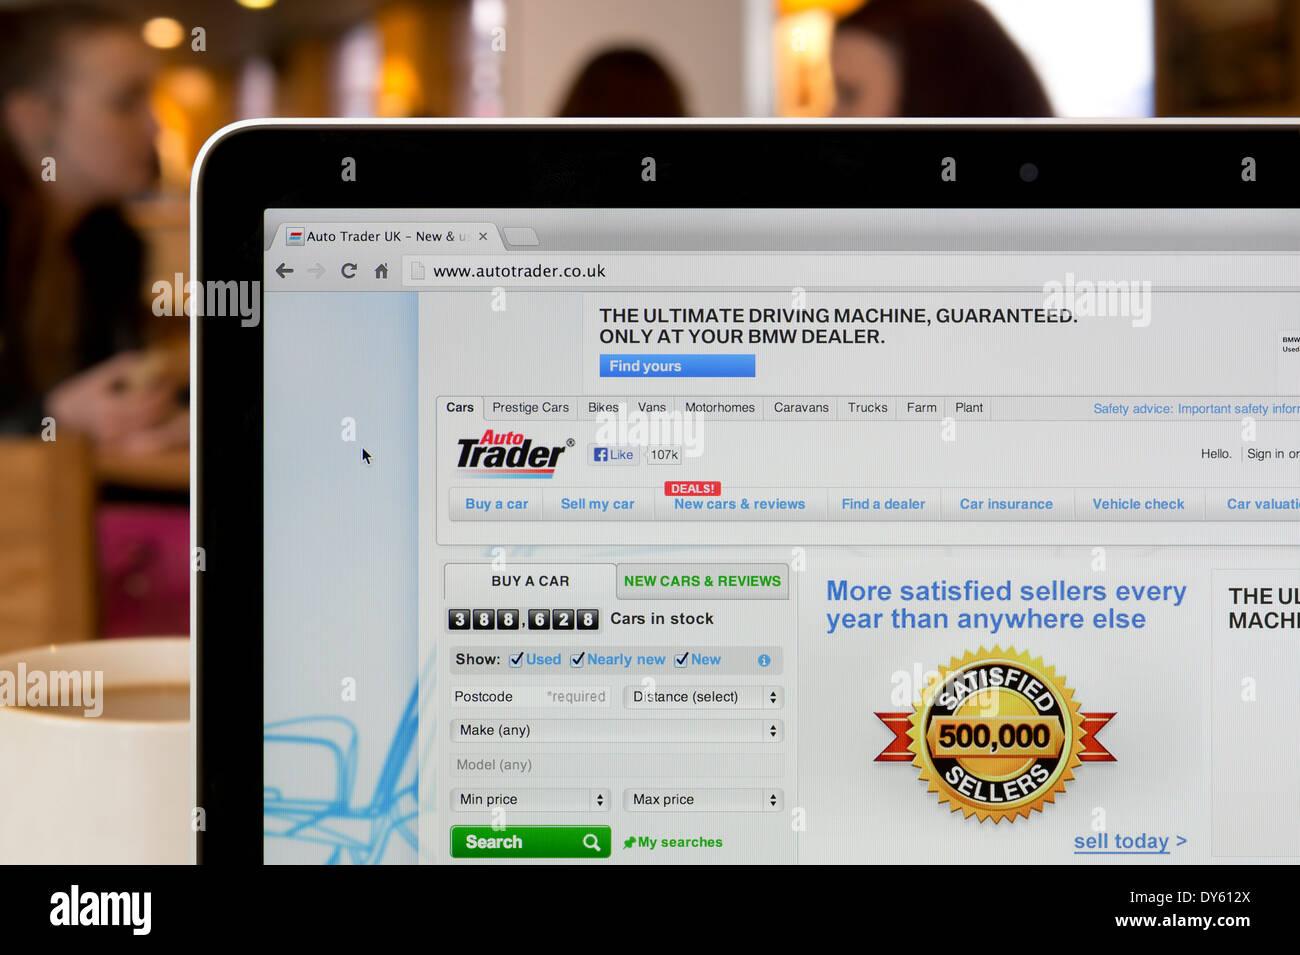 Book Dealer Stock Photos & Book Dealer Stock Images - Alamy